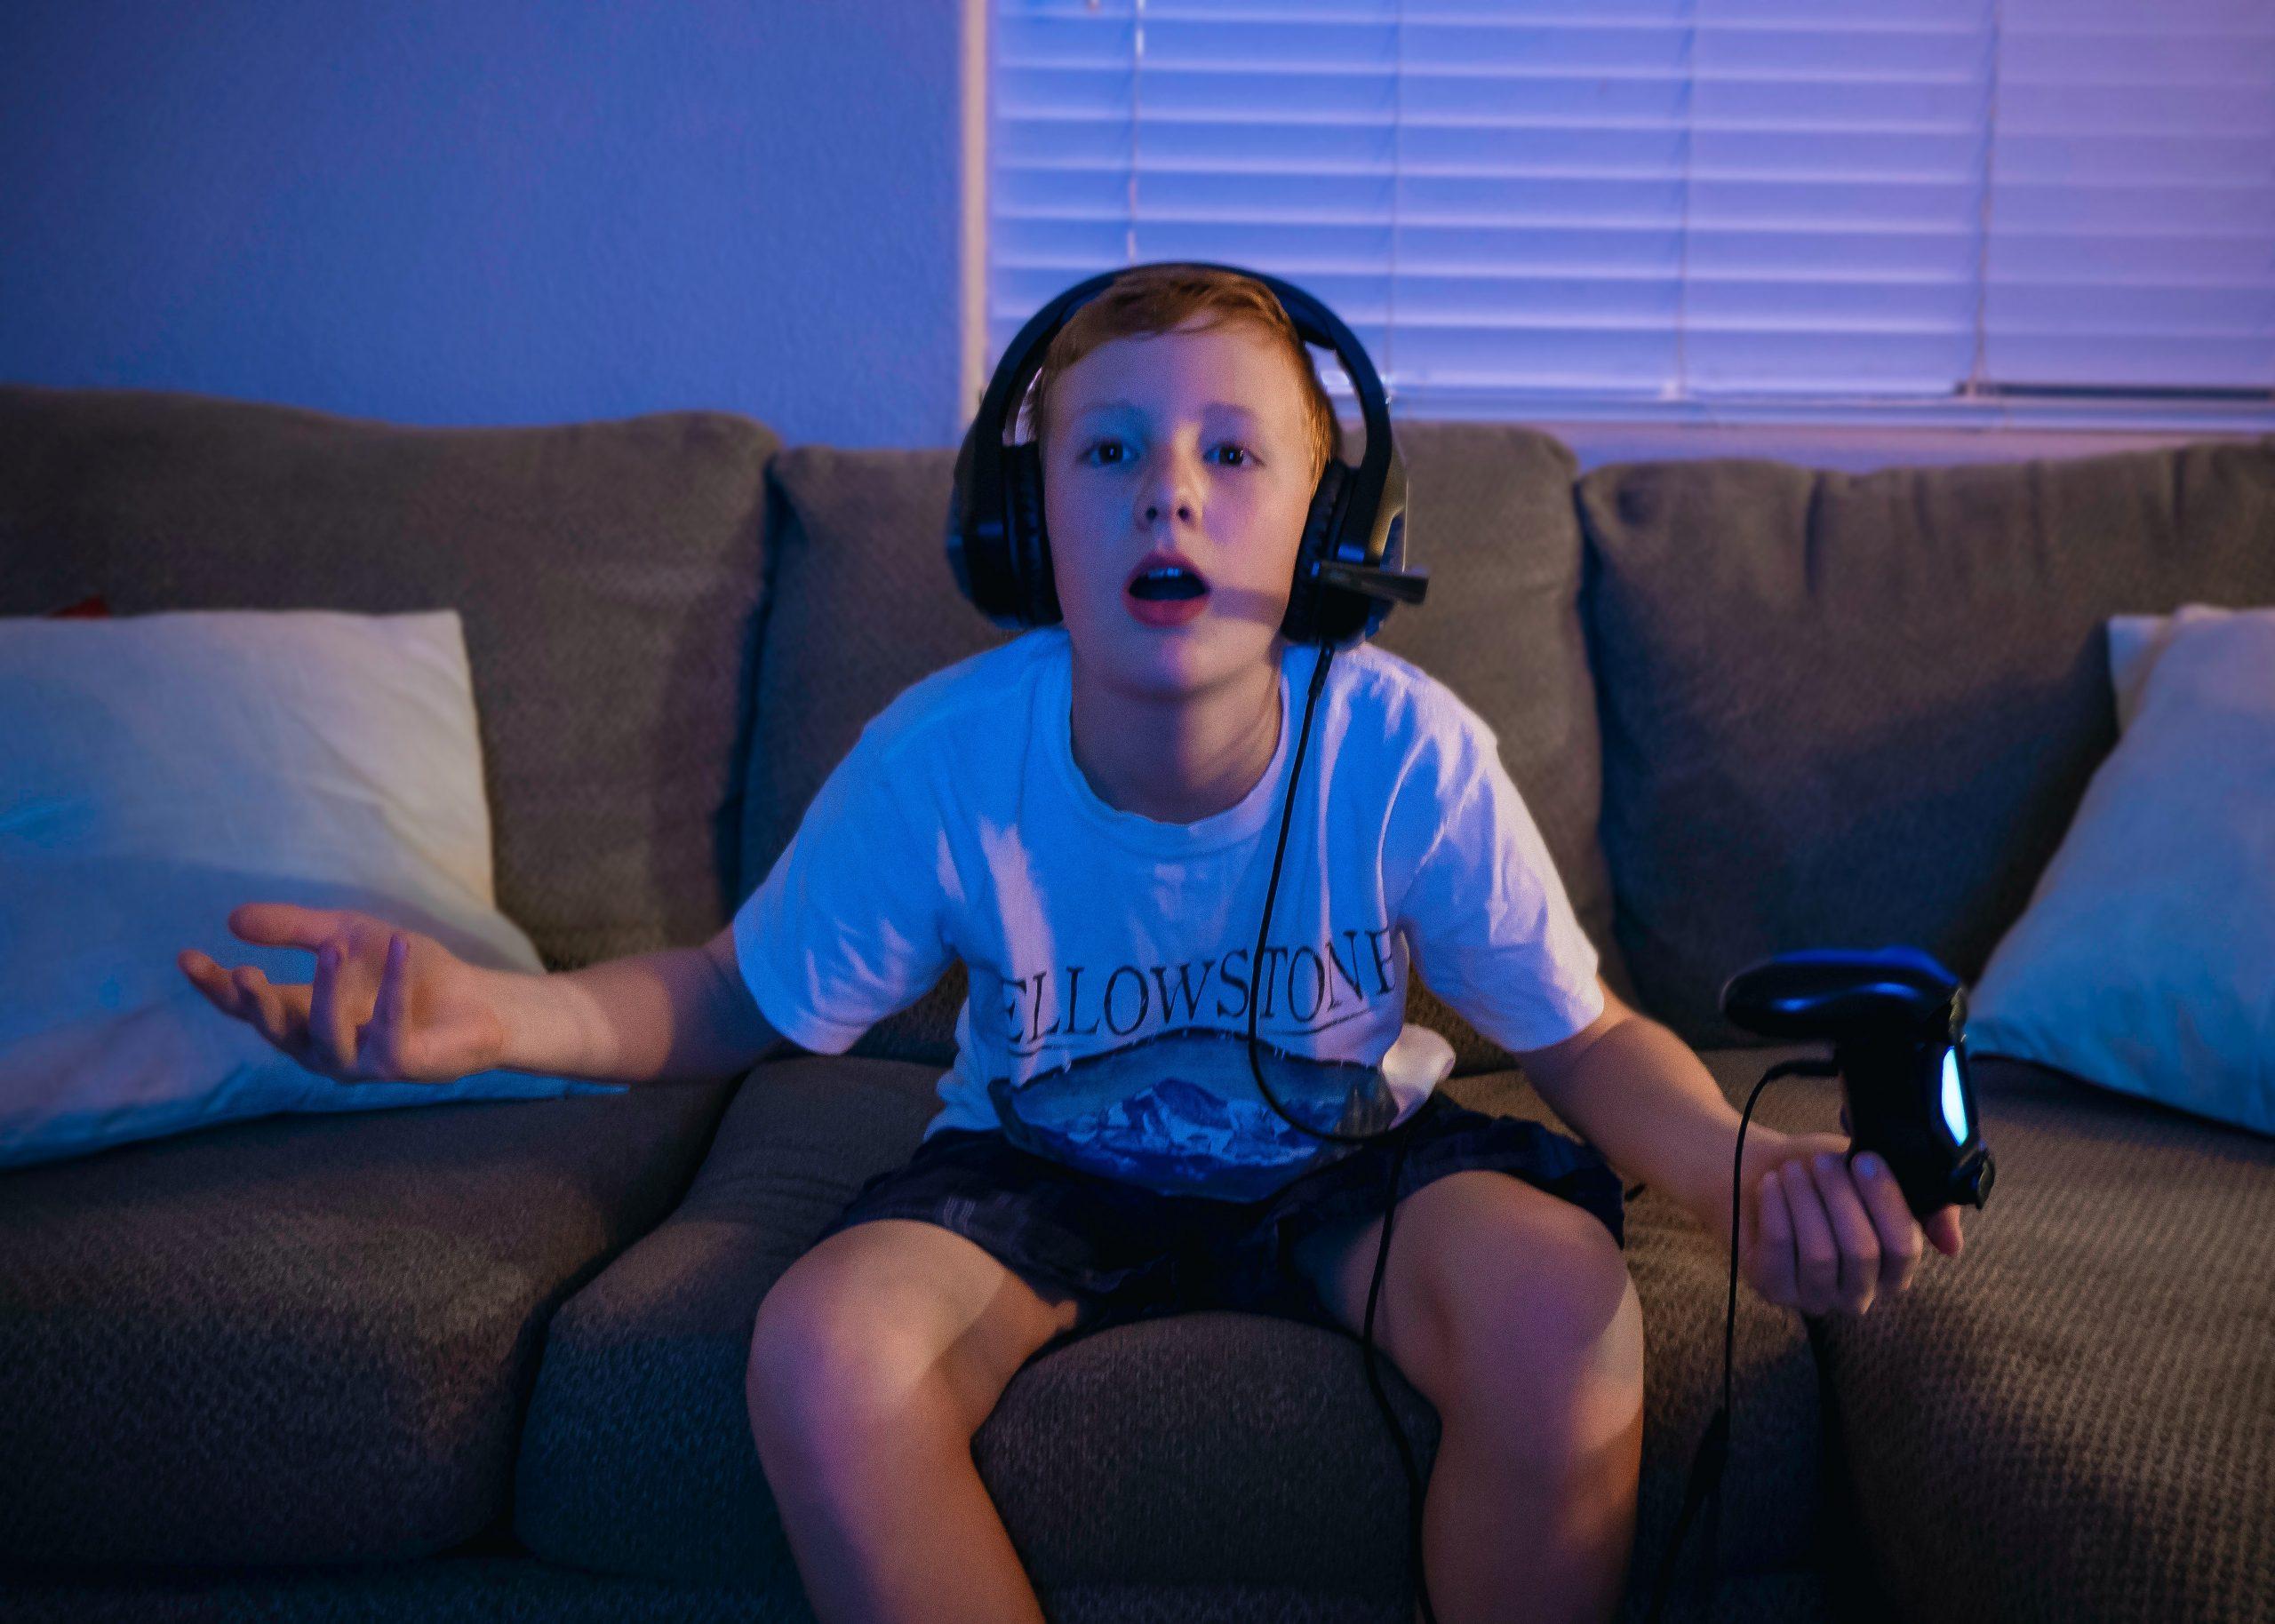 Imagem mostra uma criança sentada no sofá jogando e usando um headset gamer.